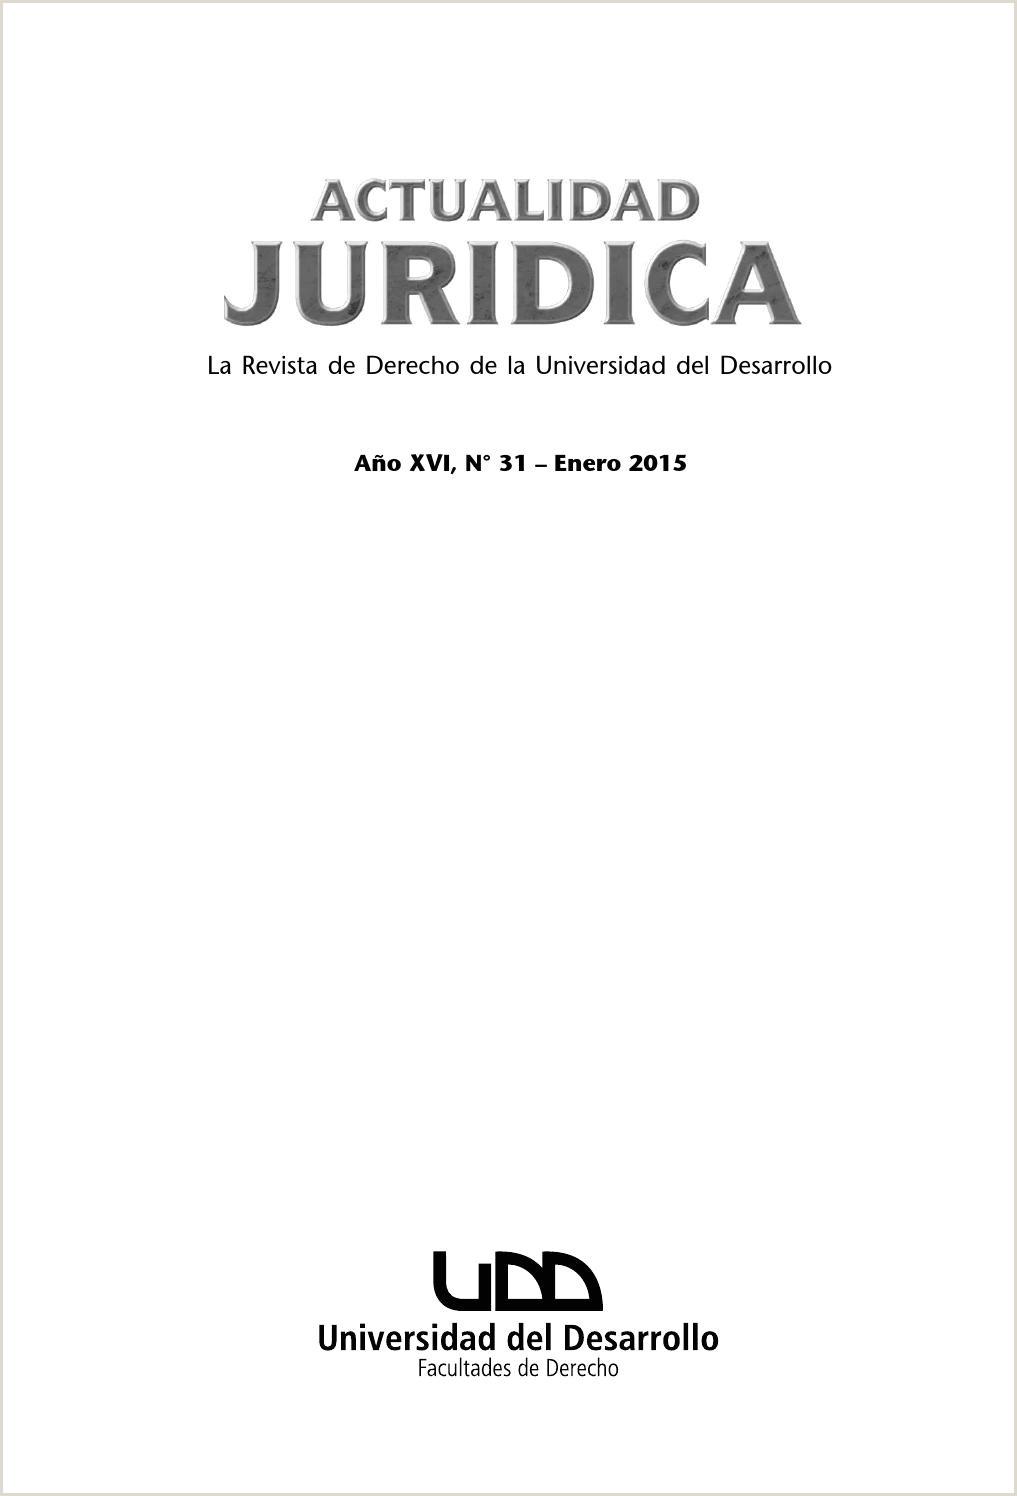 Formato De Hoja De Vida Persona Juridica Funcion Publica Revista Actualidad Juridica Nº 31 By Universidad Del